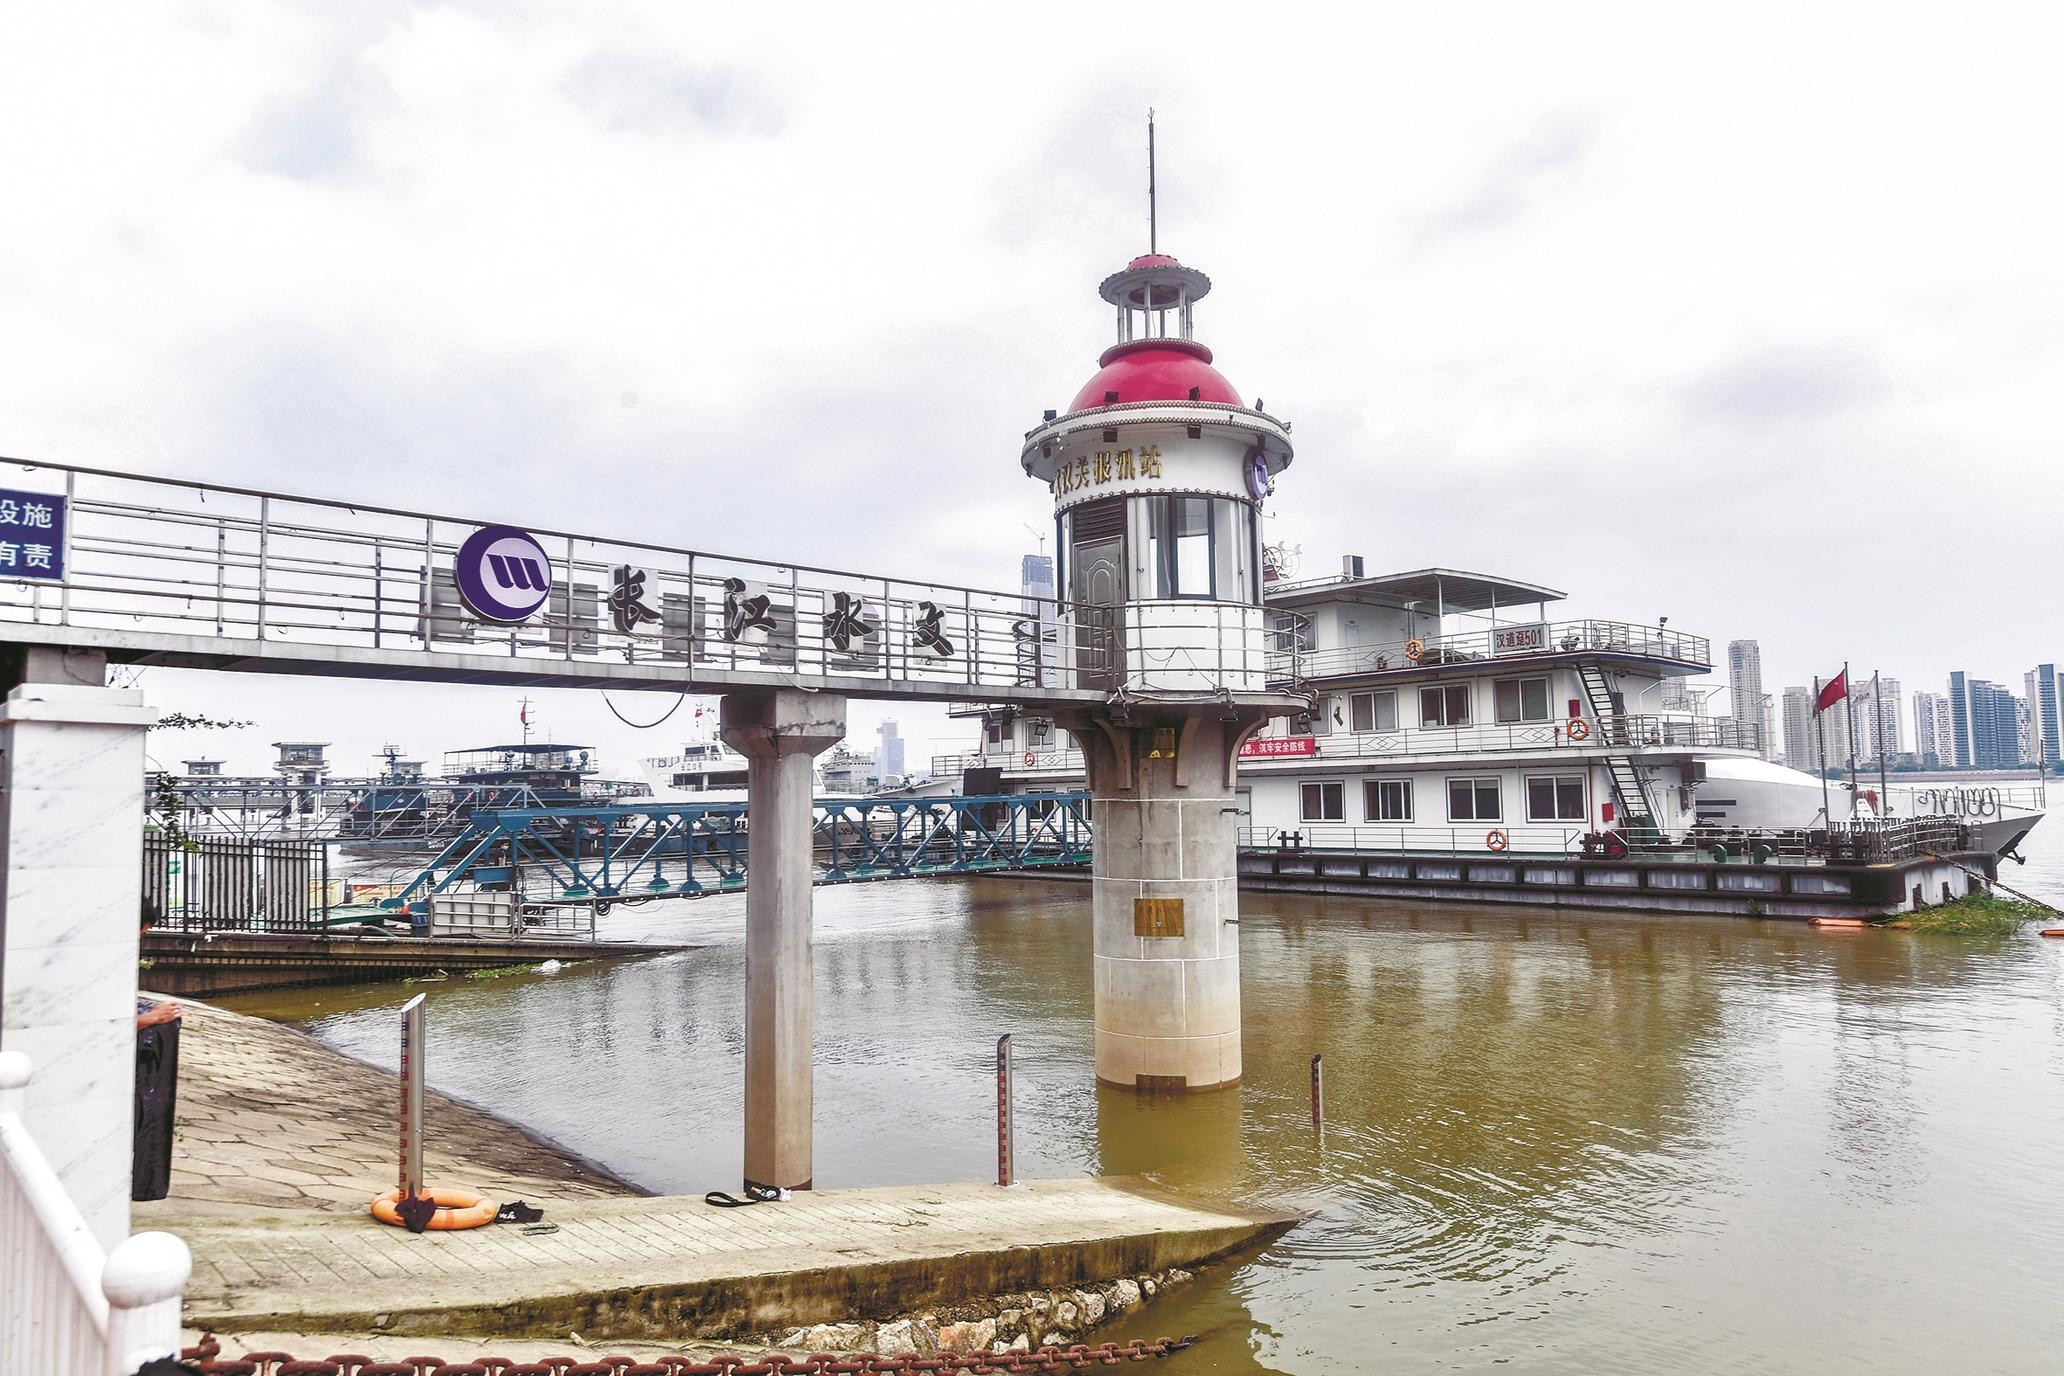 长江汉江昨晨突破设防水位  受降雨和三峡泄洪影响武汉关水位24小时涨了0.55米